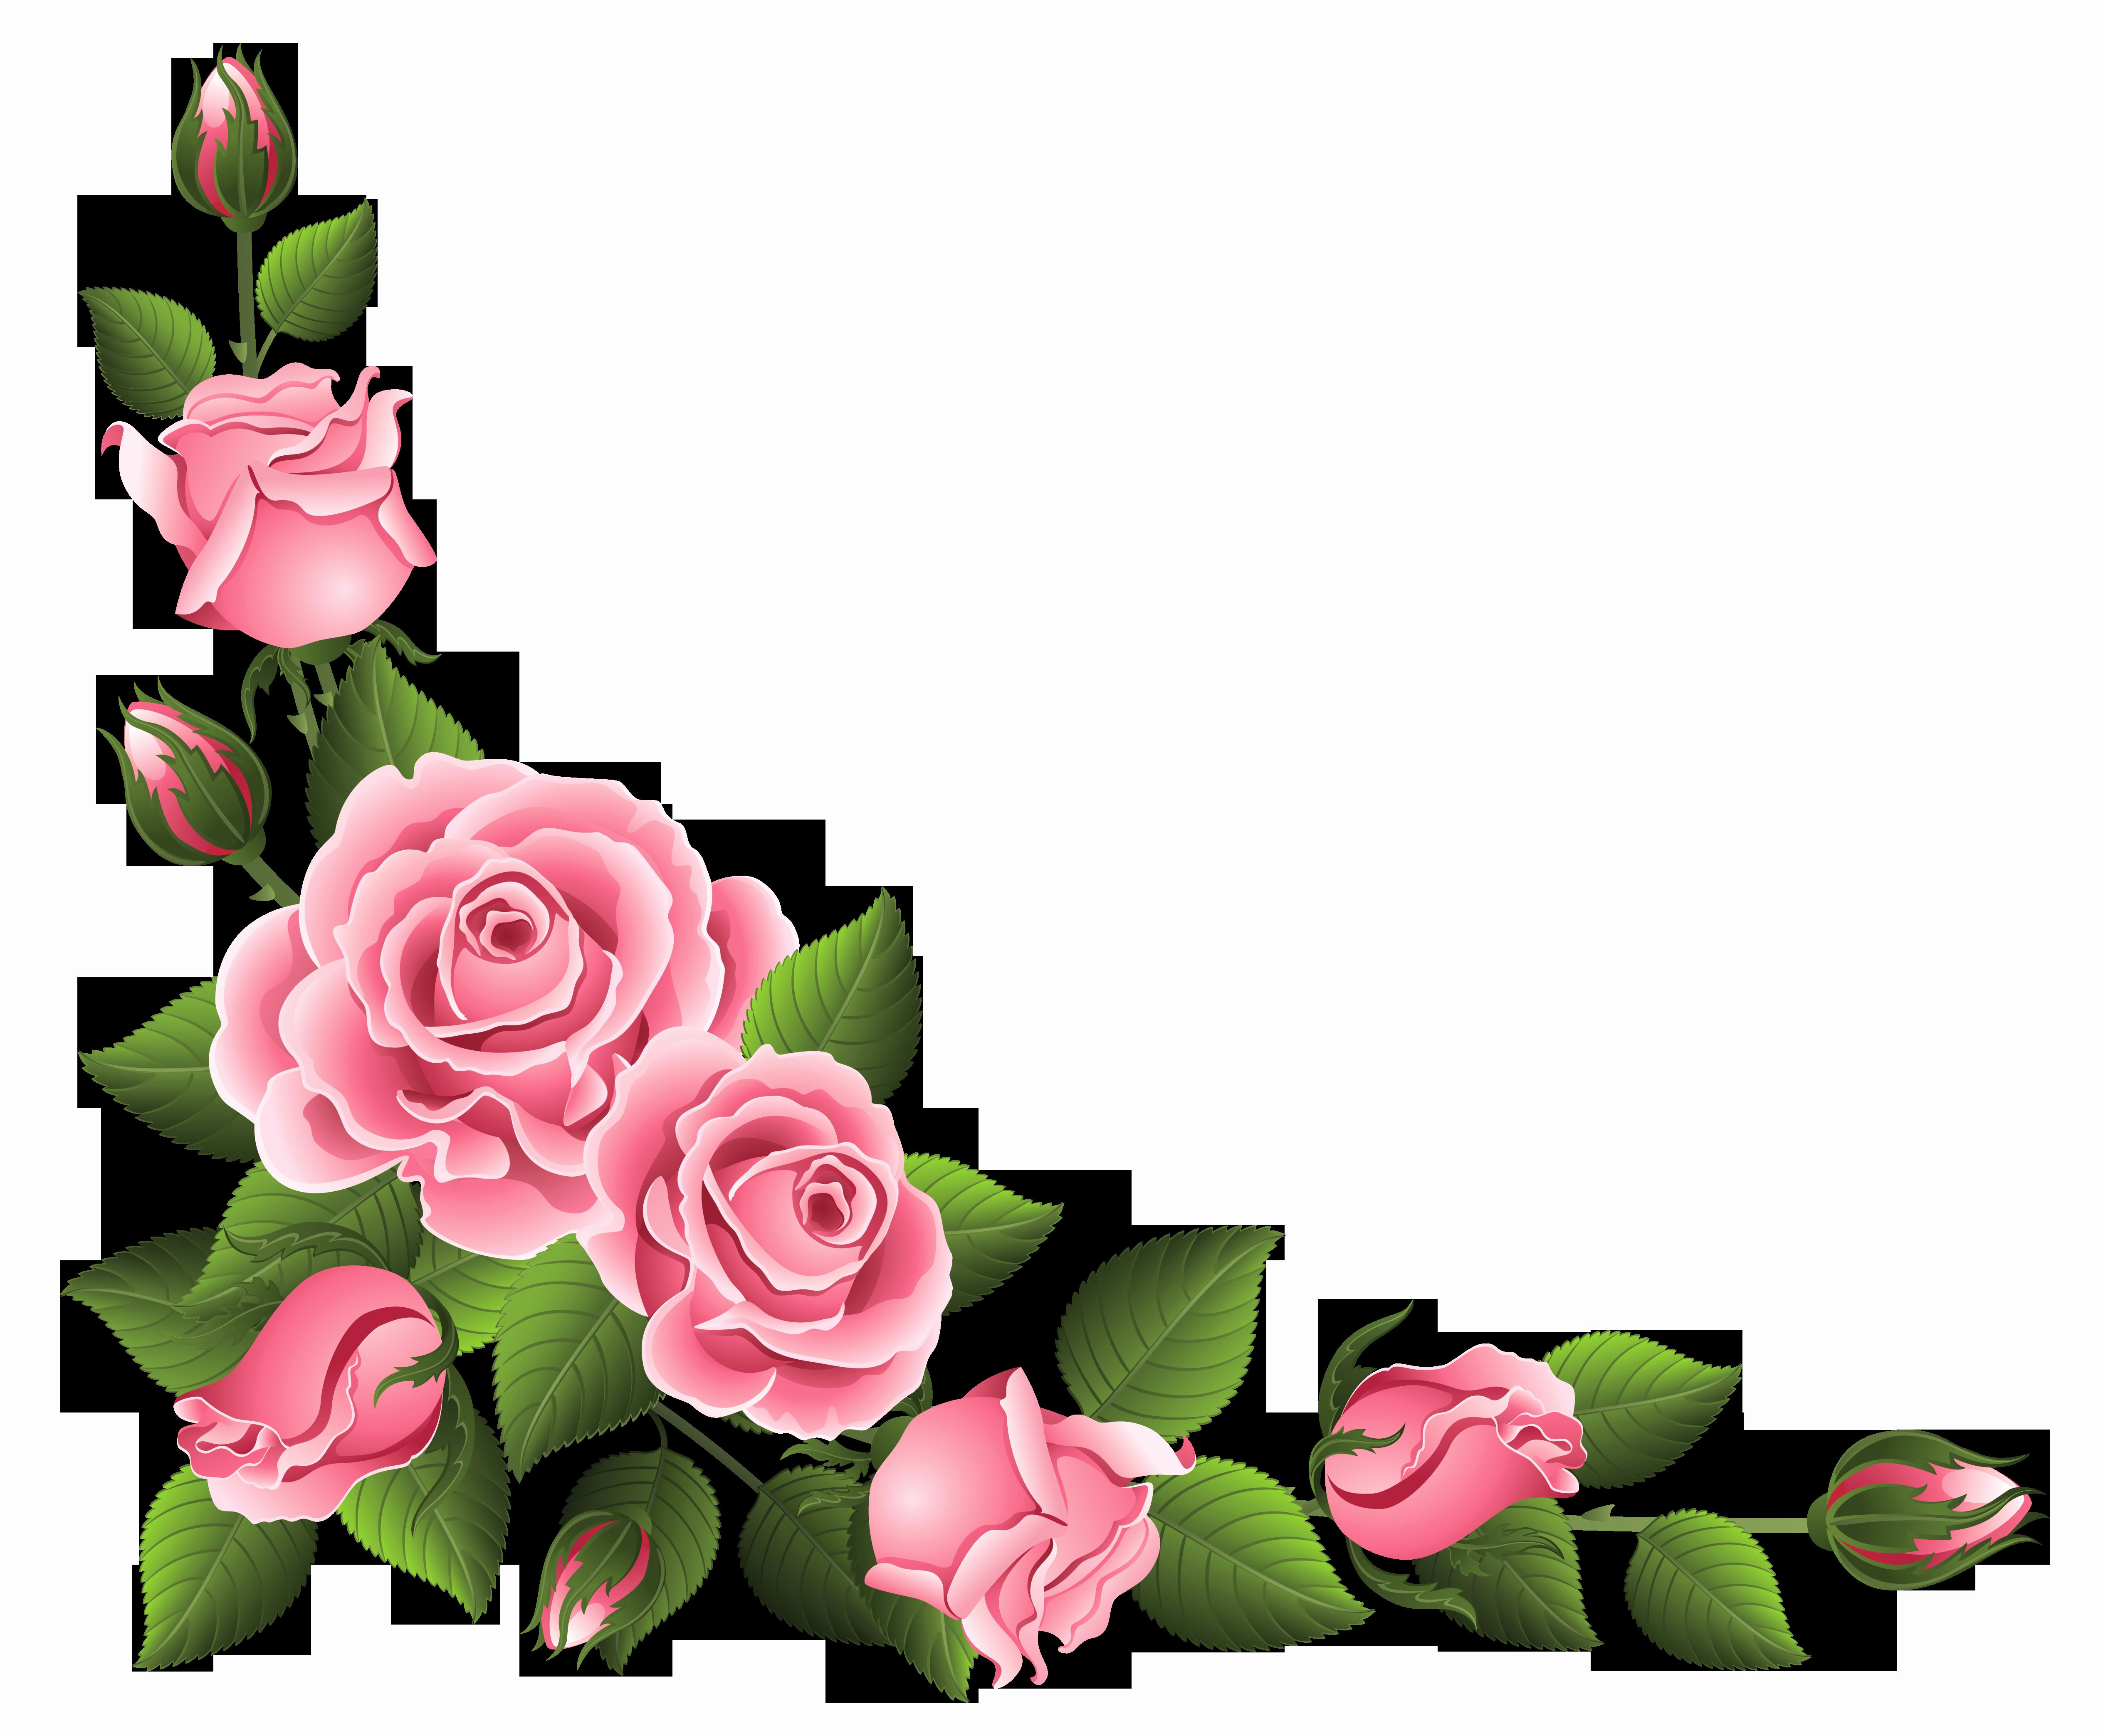 floor vase stands of 10 best of vase stand bogekompresorturkiye com intended for bodenvase deko neu flower vase table 04h vases tablei 0d clipart dining base end design